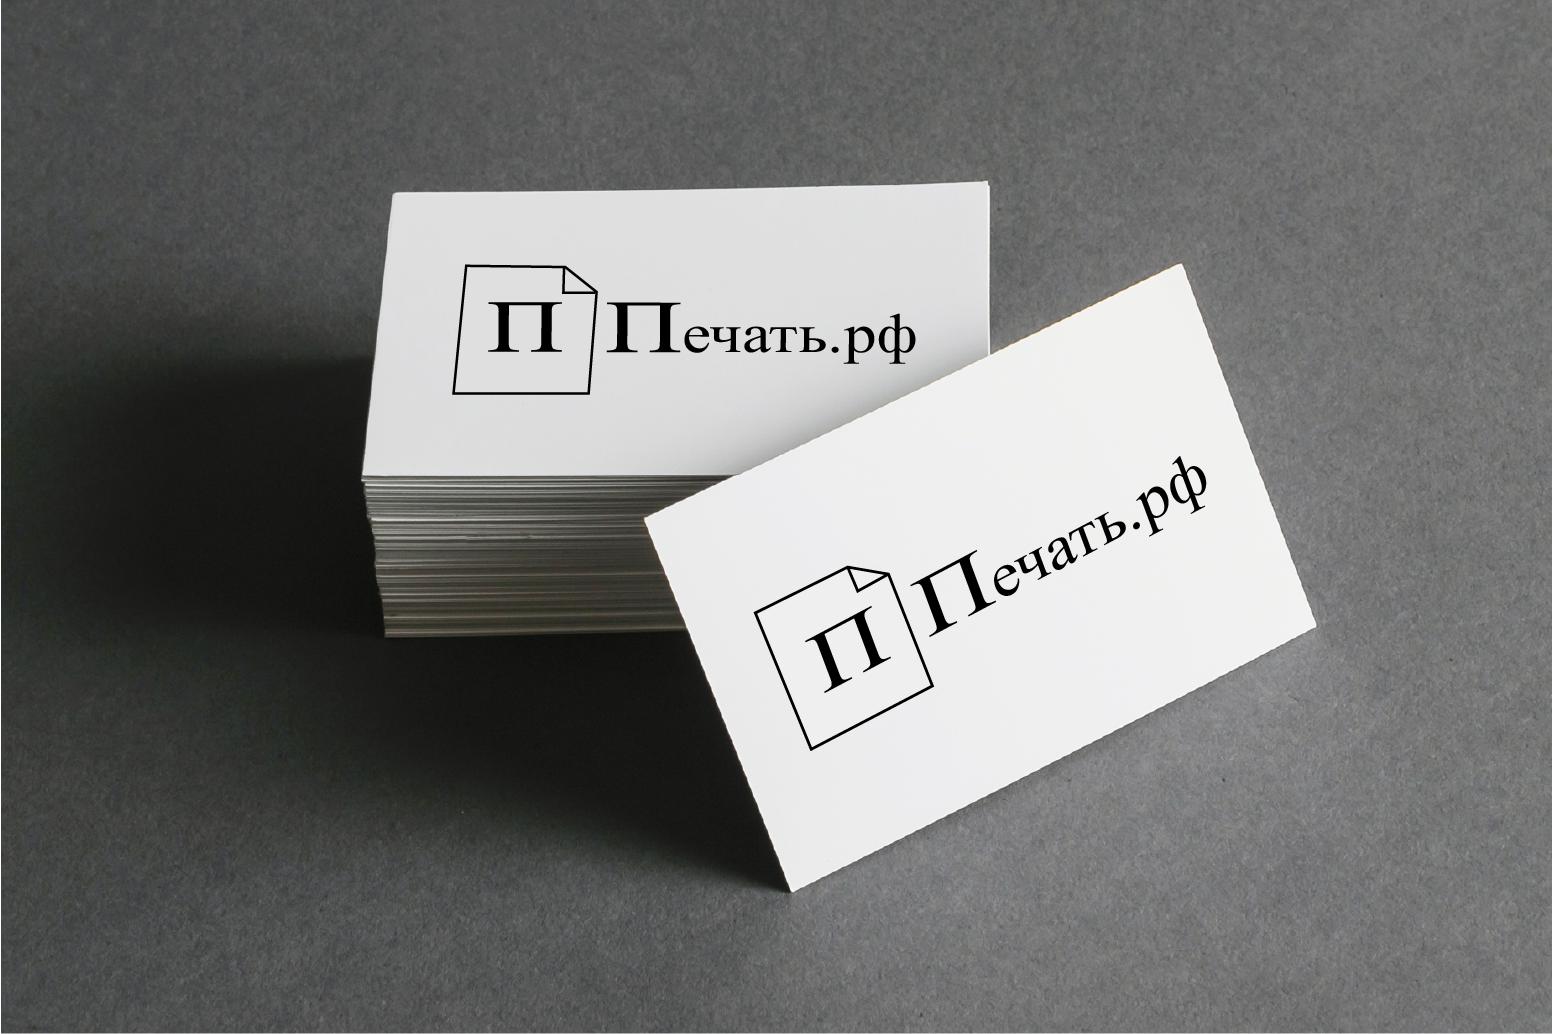 Логотип для веб-сервиса интерьерной печати и оперативной пол фото f_9125d291a87bd0d0.png